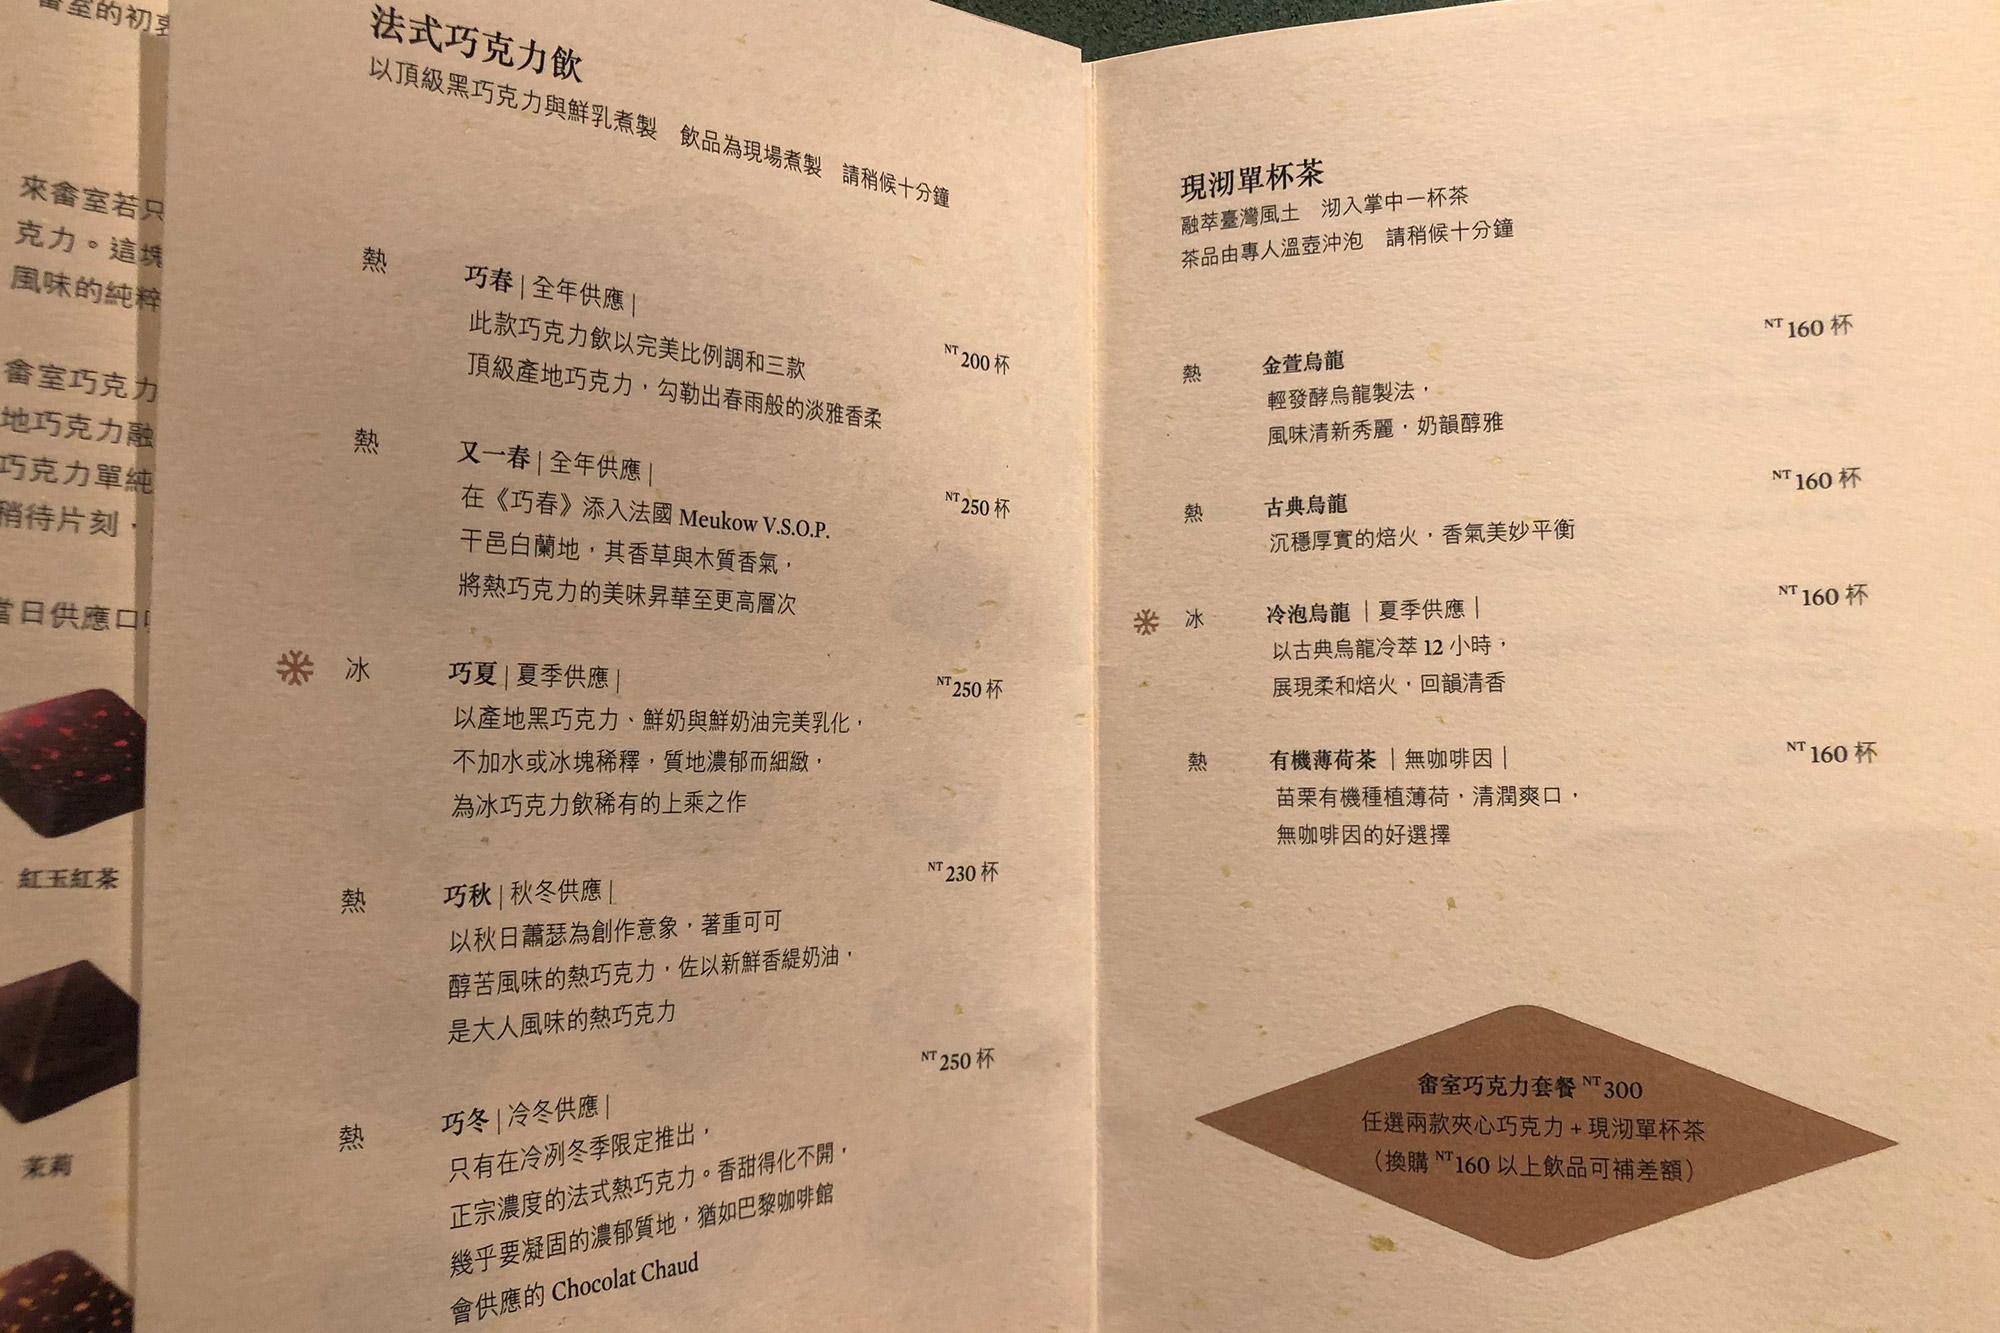 畬室法式巧克力_menu2